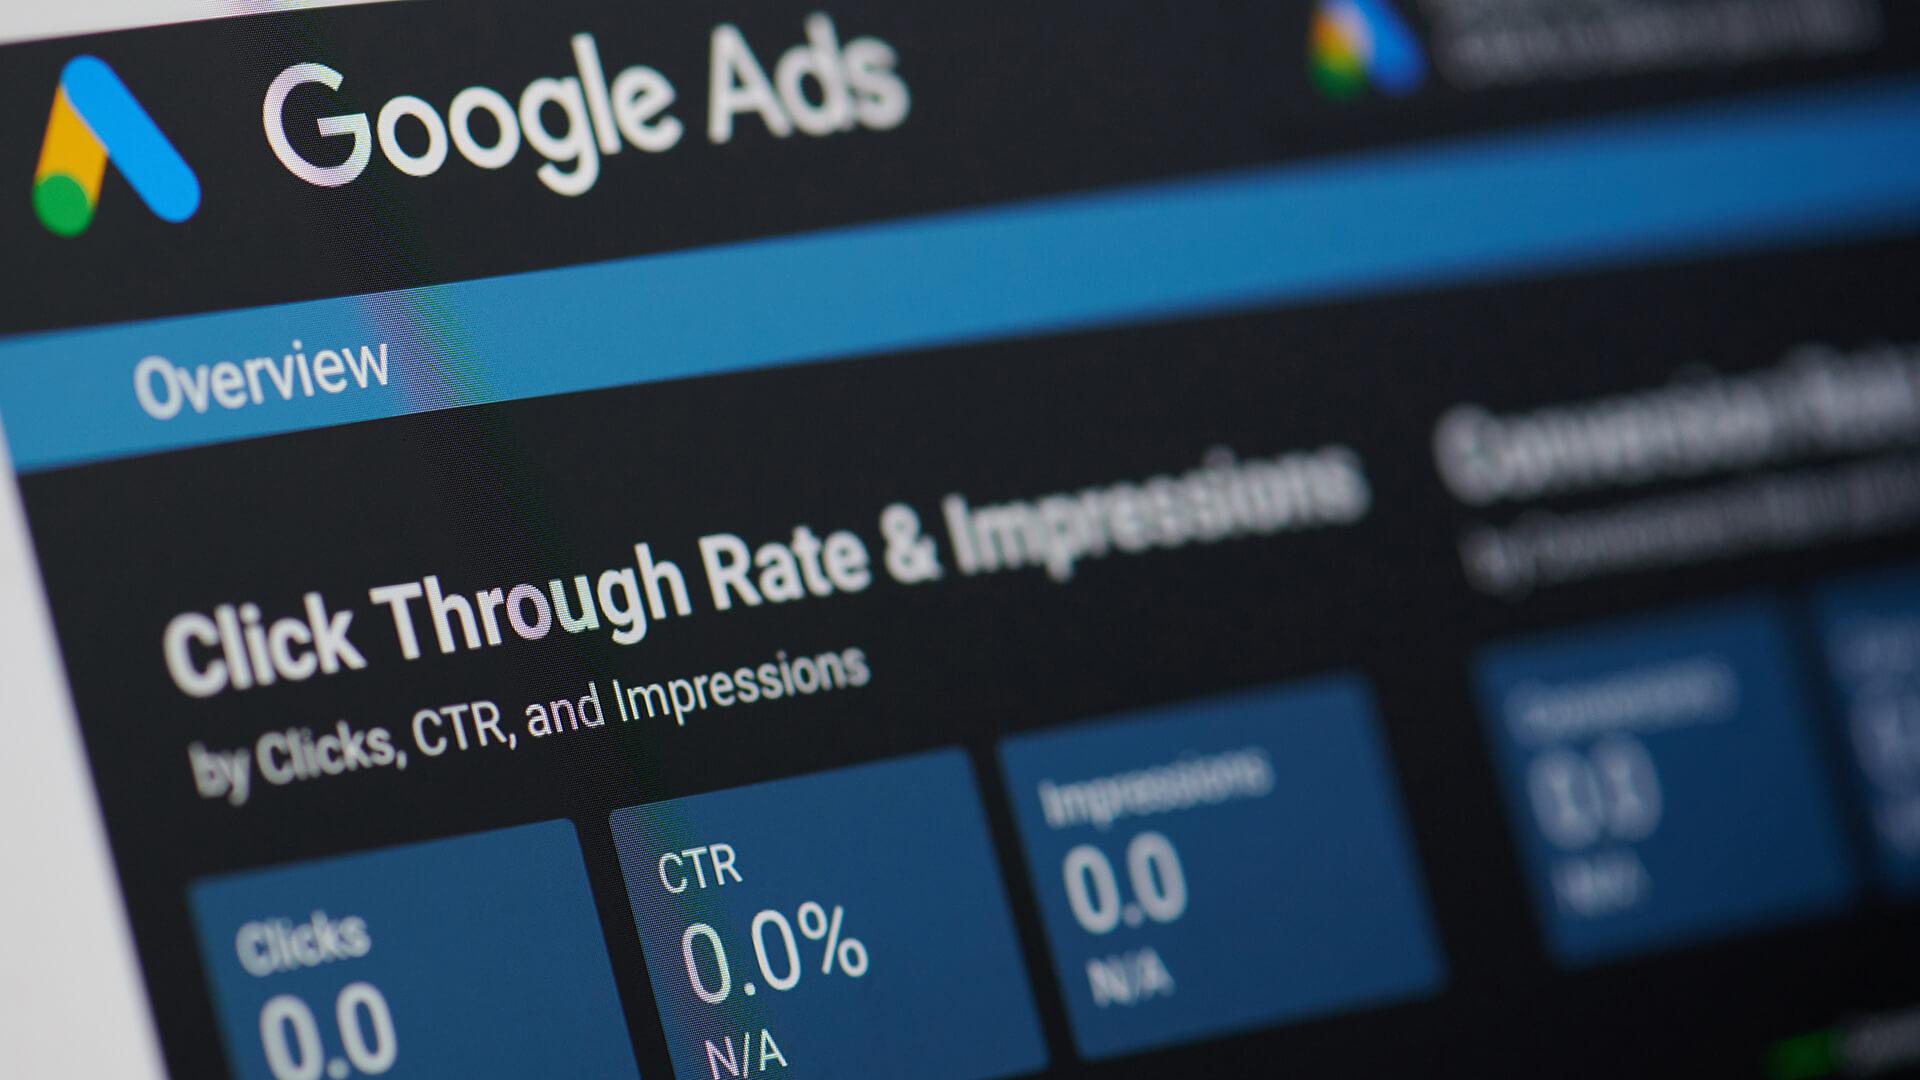 Optimice el valor de conversión con eCPC en Google Ads